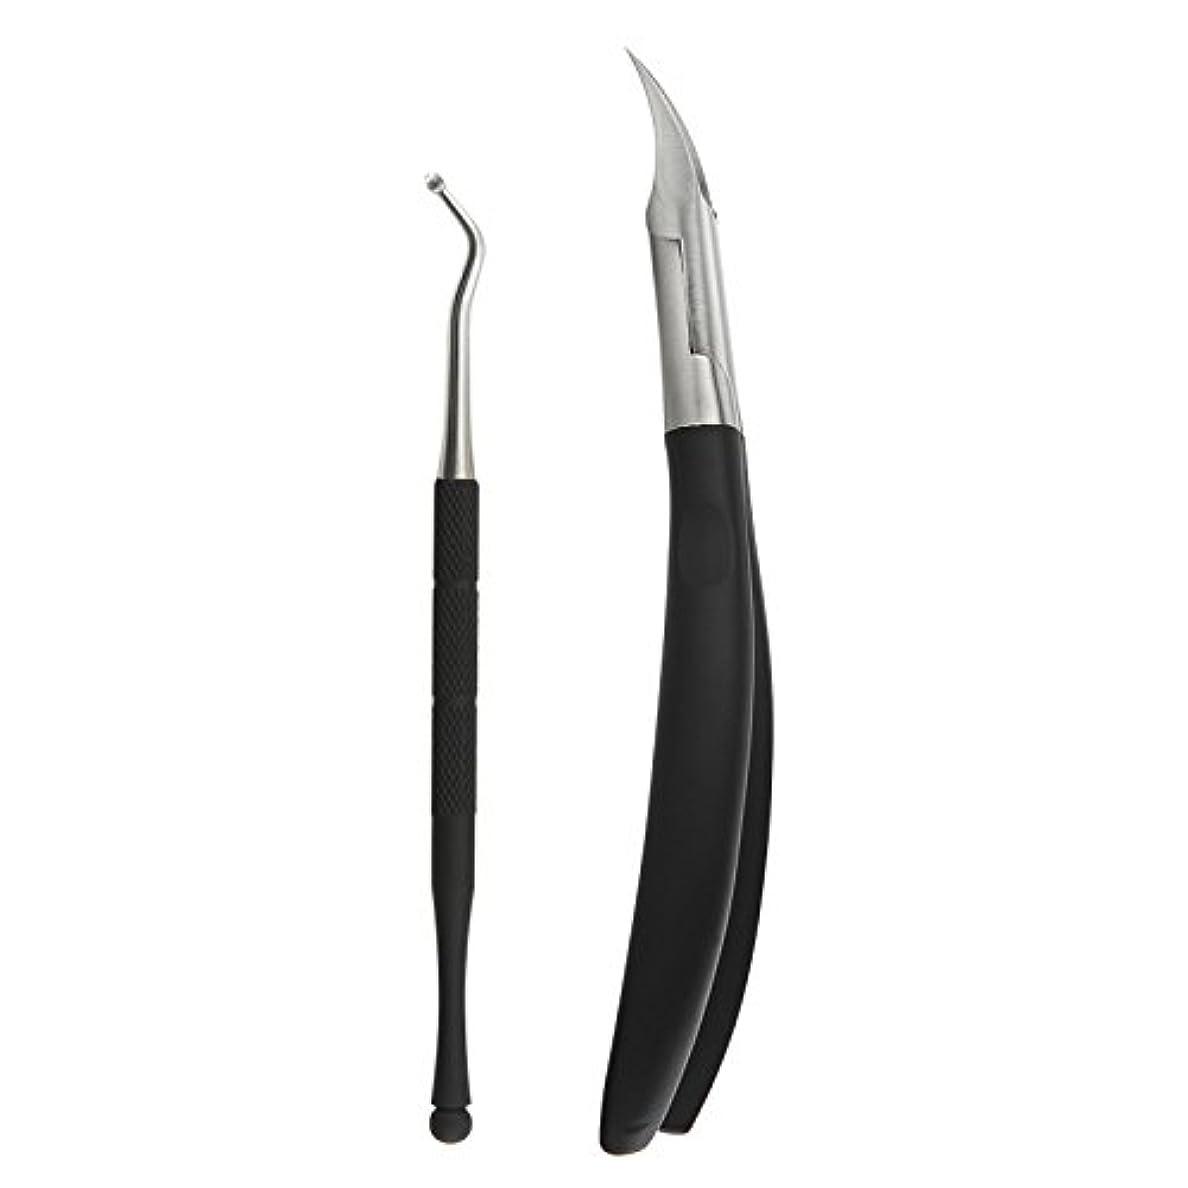 ベール斧座標Moontay 2PCS 爪切り ニッパー 足 ブラック ステンレス製 足の手入れ (ブラック)